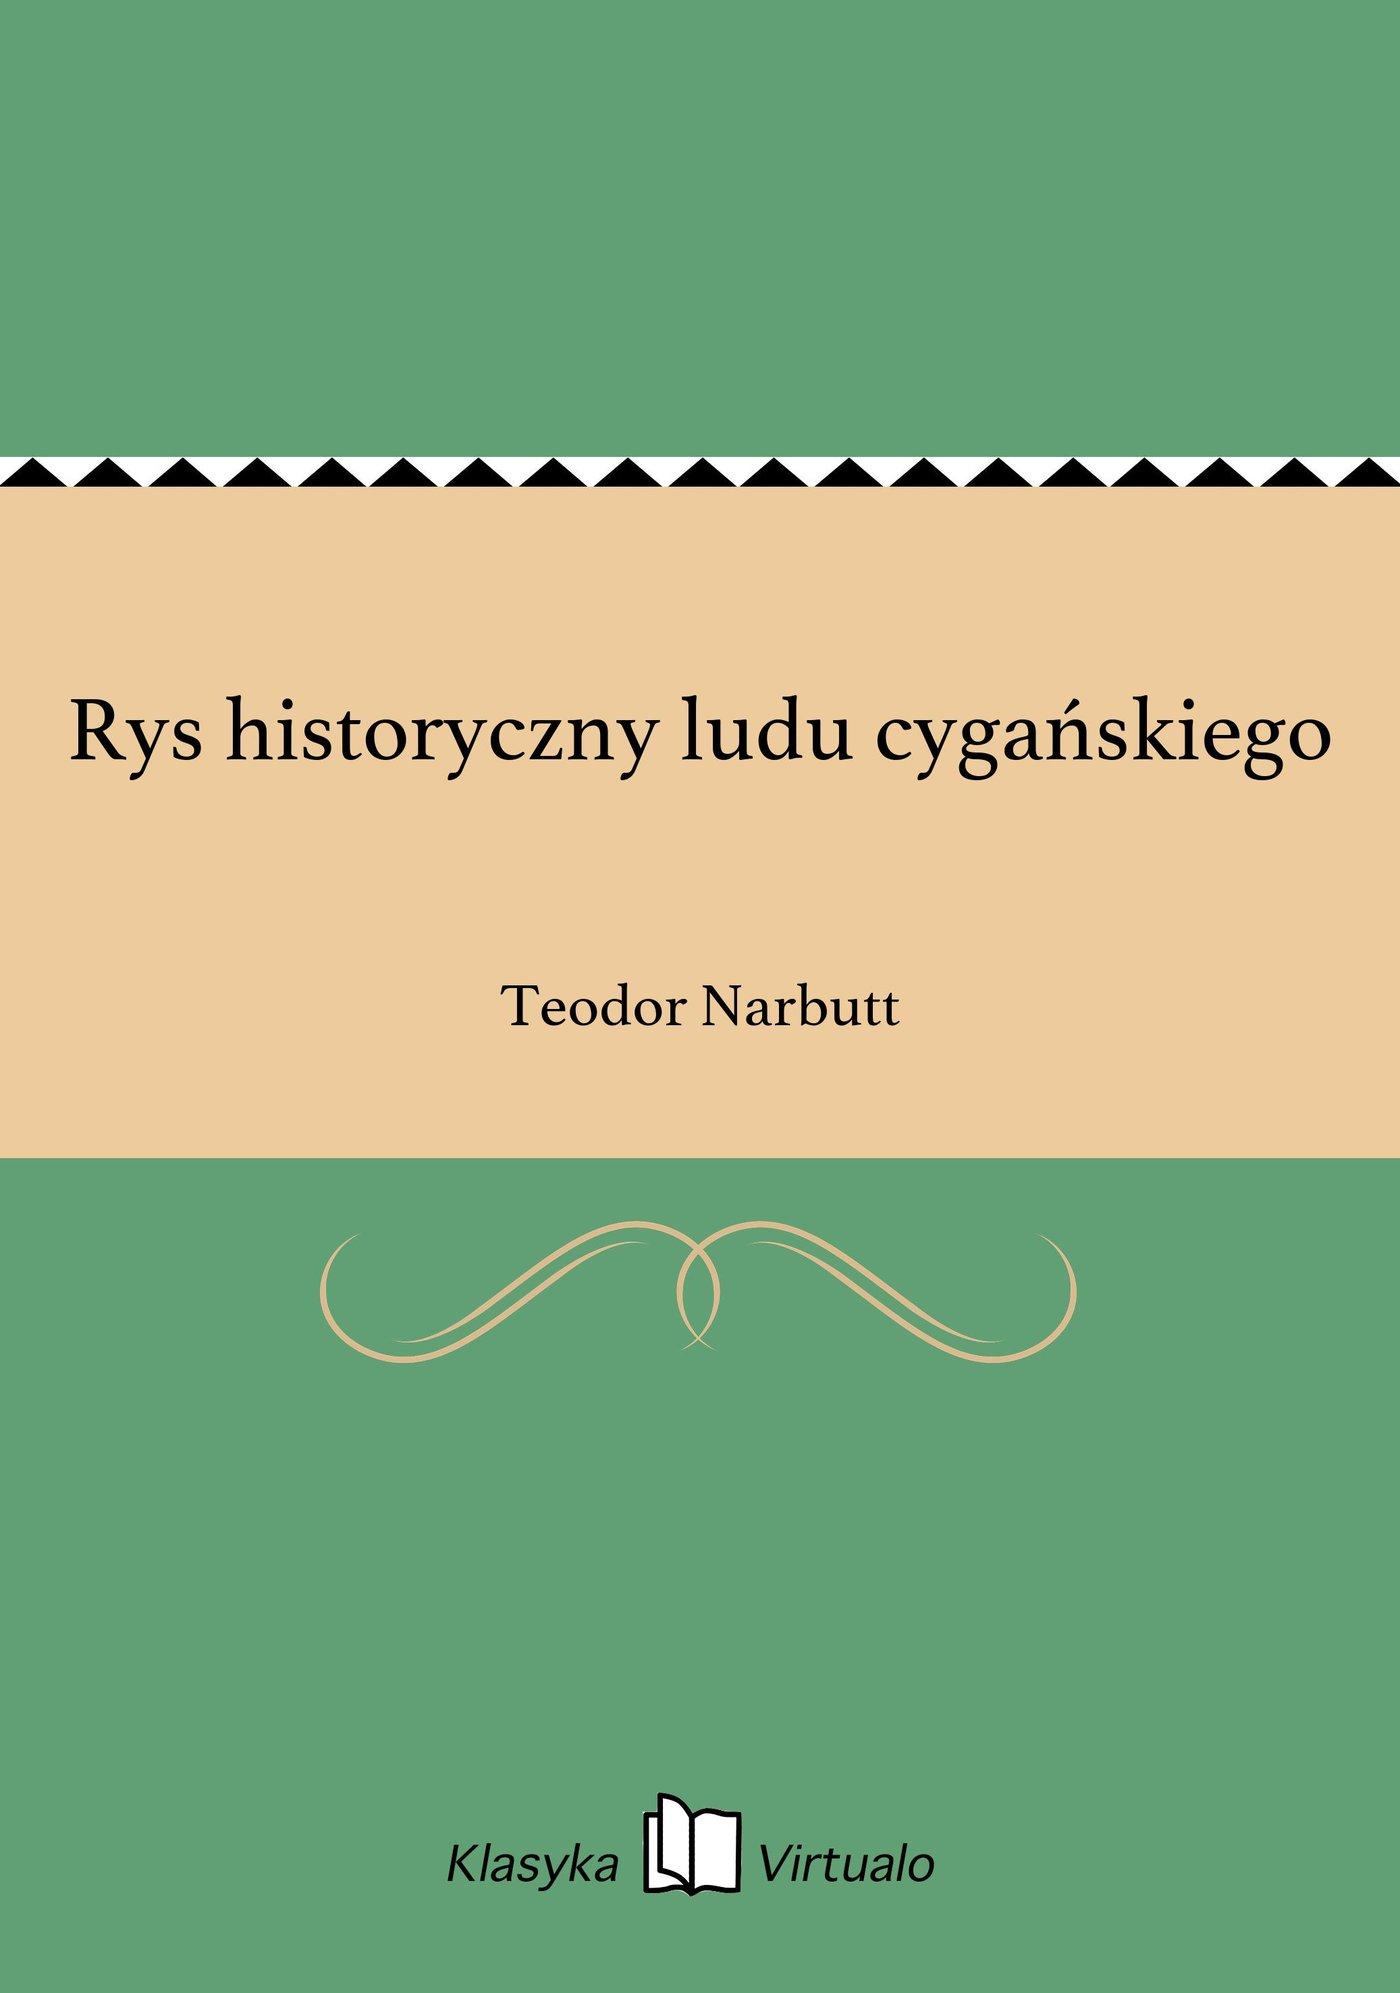 Rys historyczny ludu cygańskiego - Ebook (Książka EPUB) do pobrania w formacie EPUB